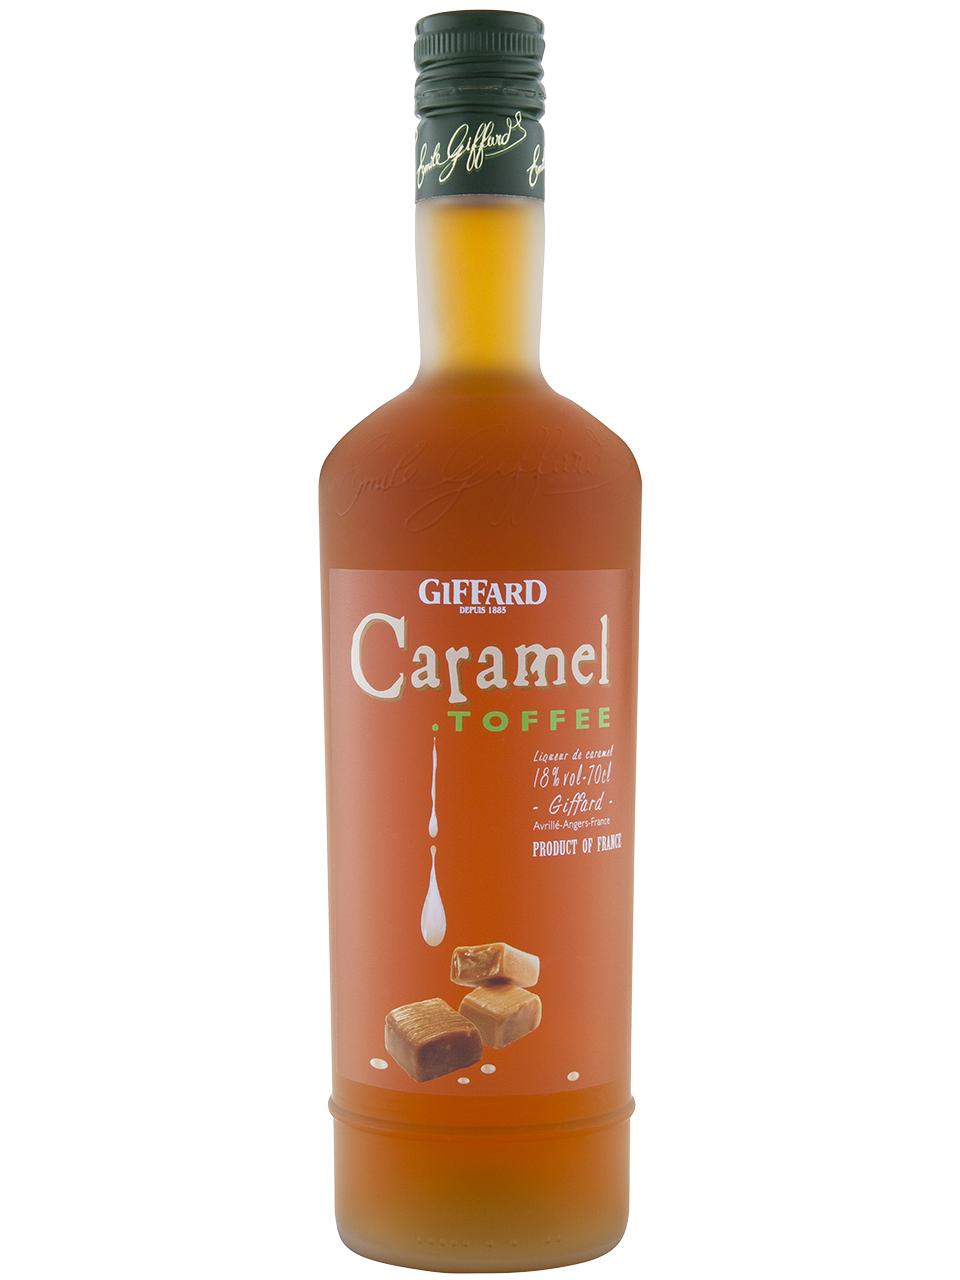 Giffard Caramel Toffee Liqueur